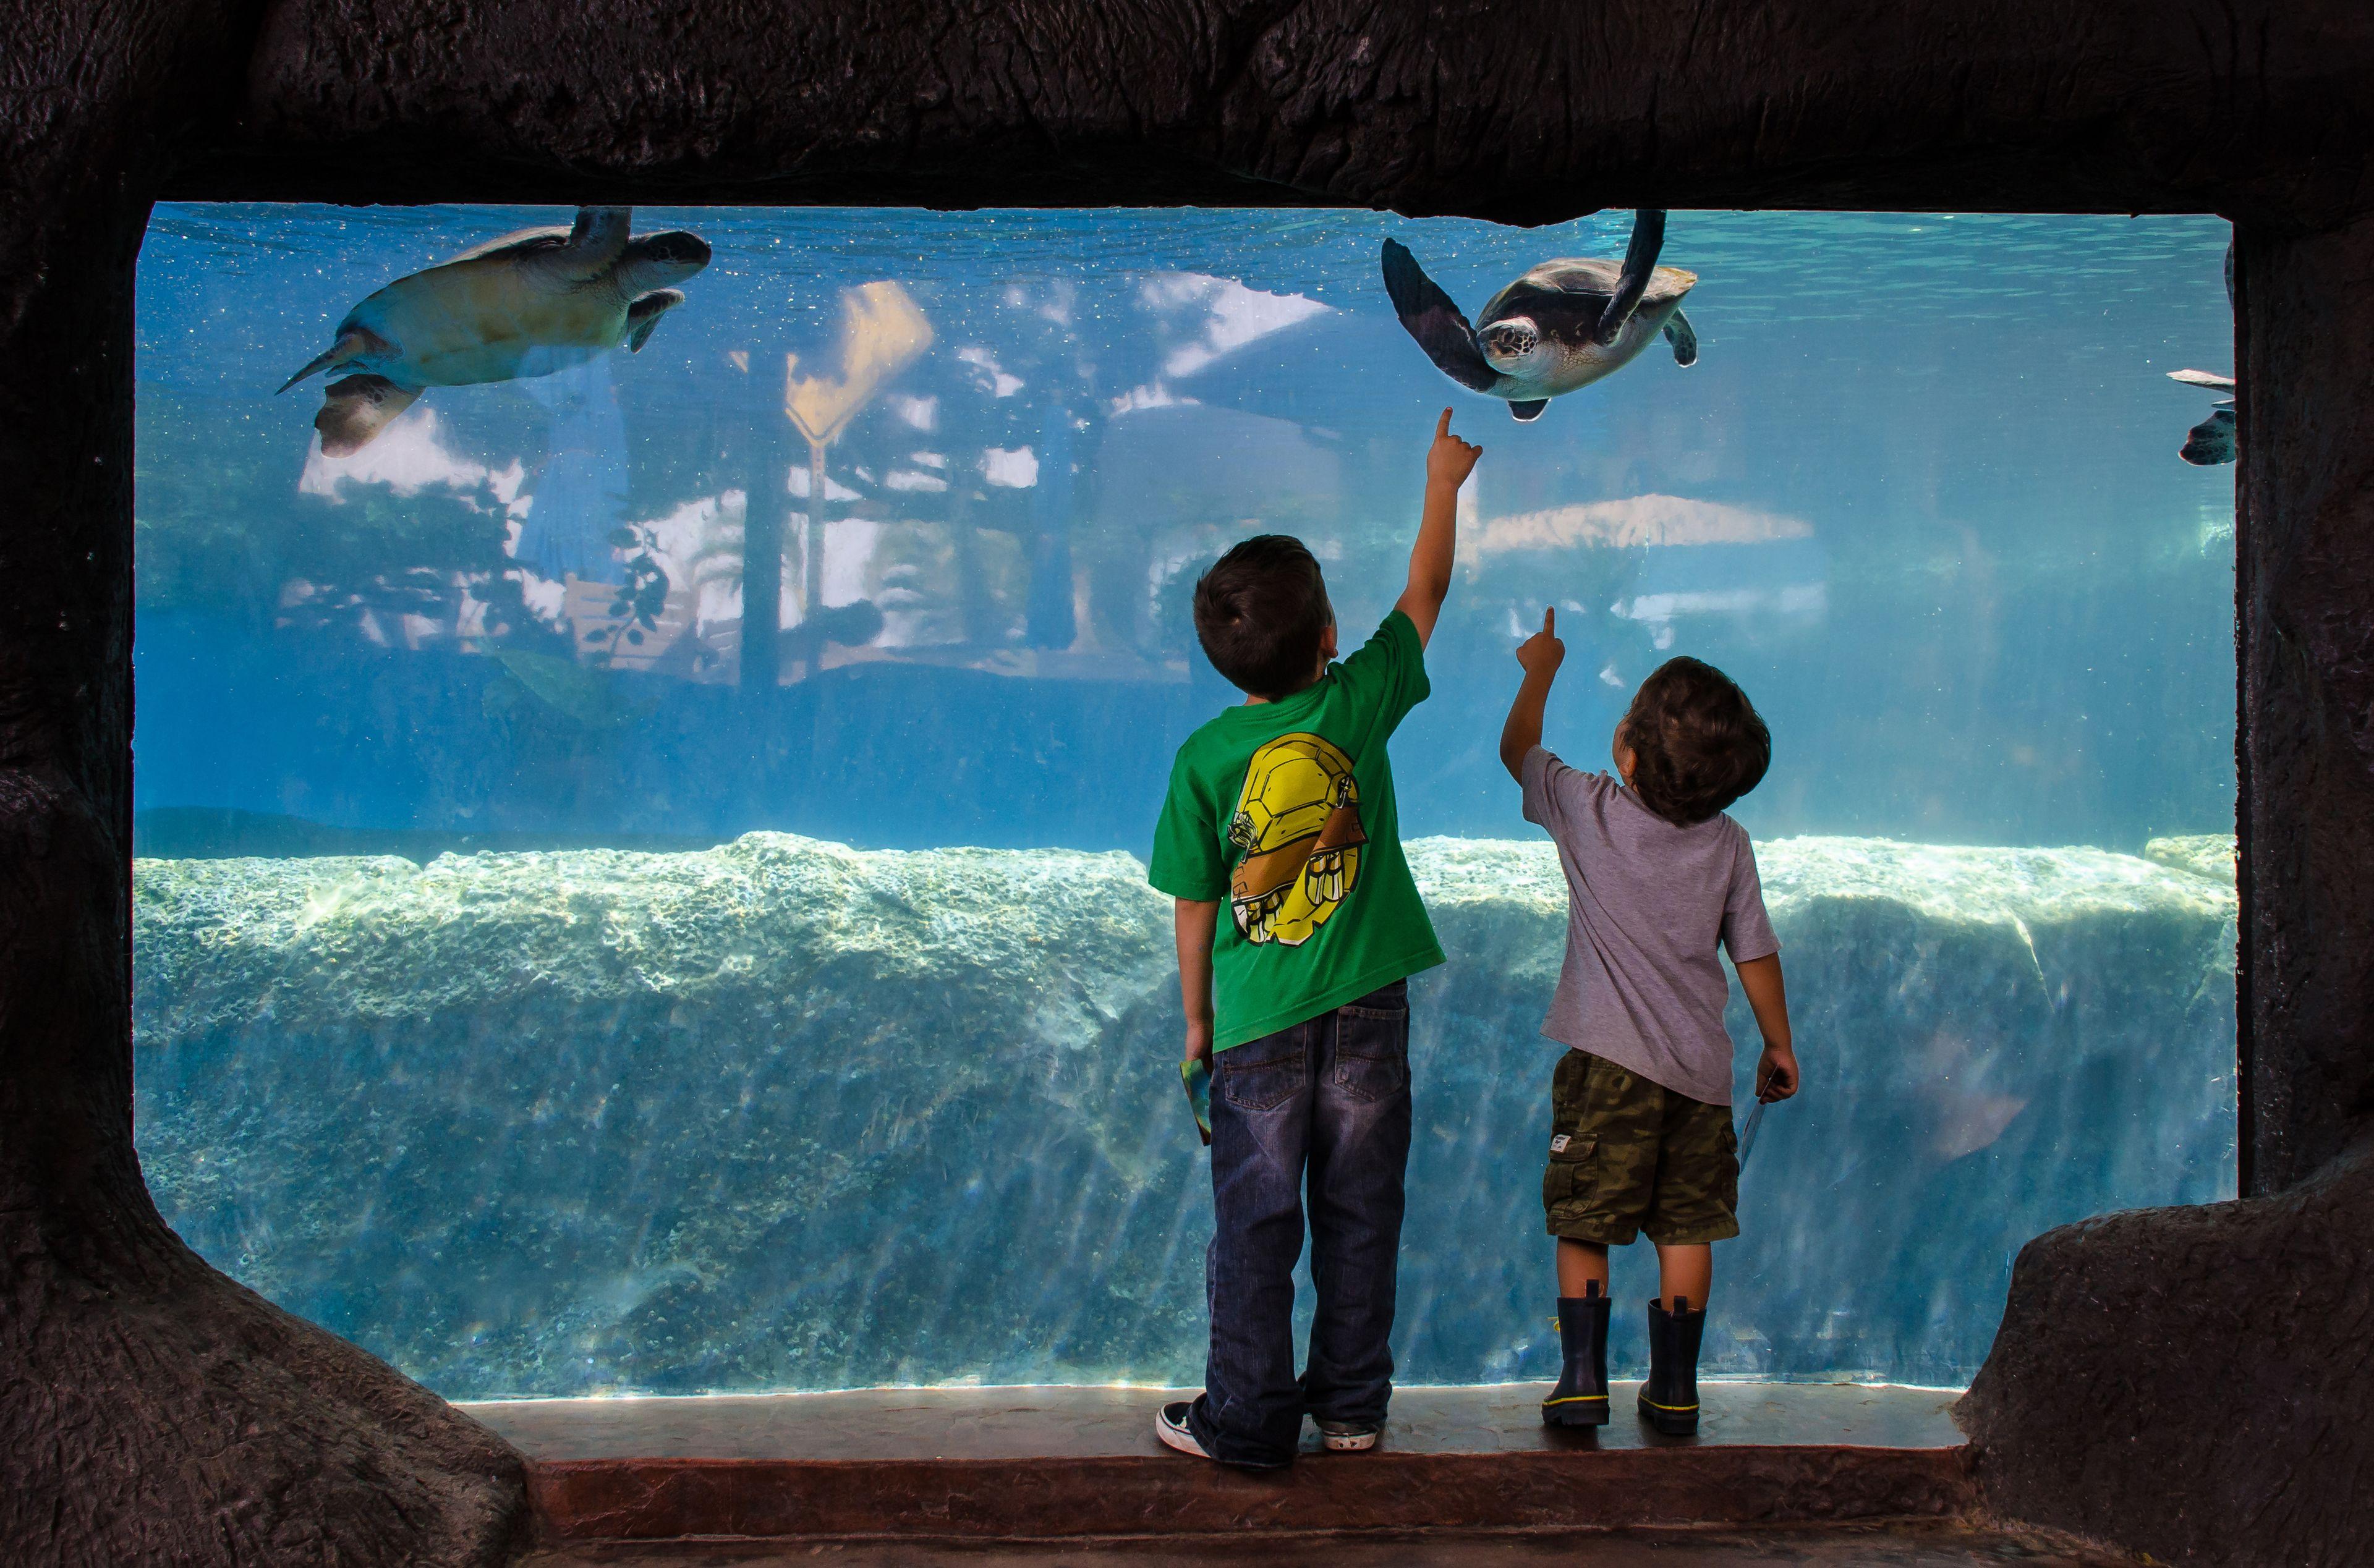 Behind-the-Scenes Tour with Aquarium Admission